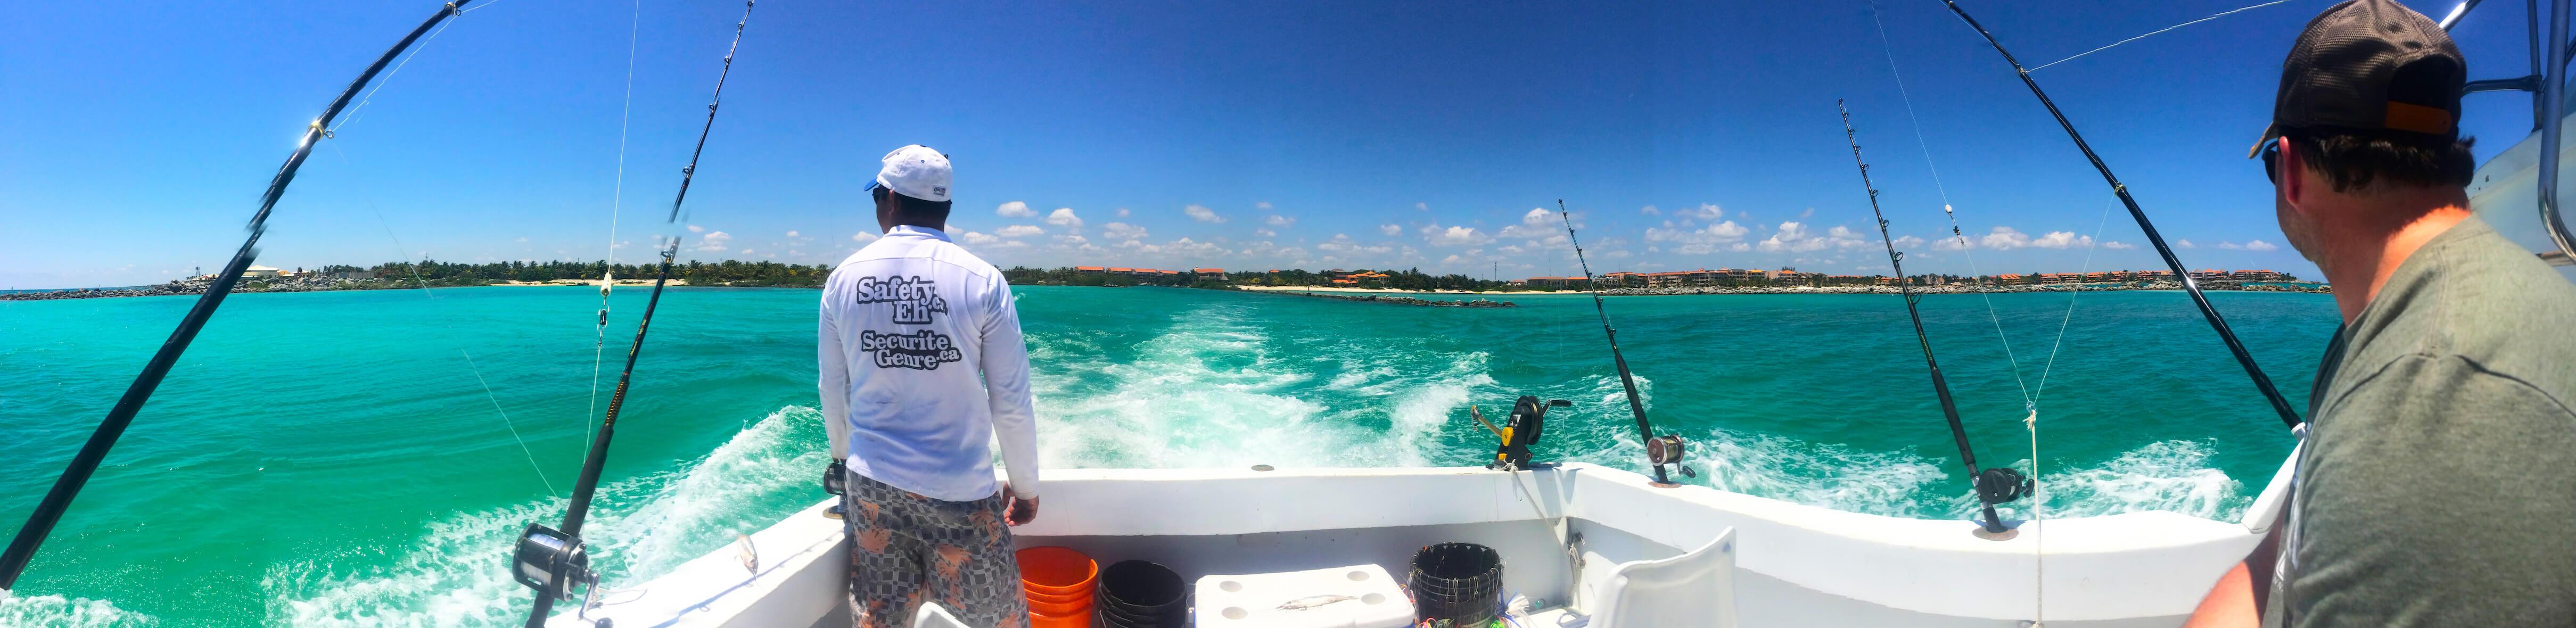 Riviera-Maya-Fishing-Charters-33